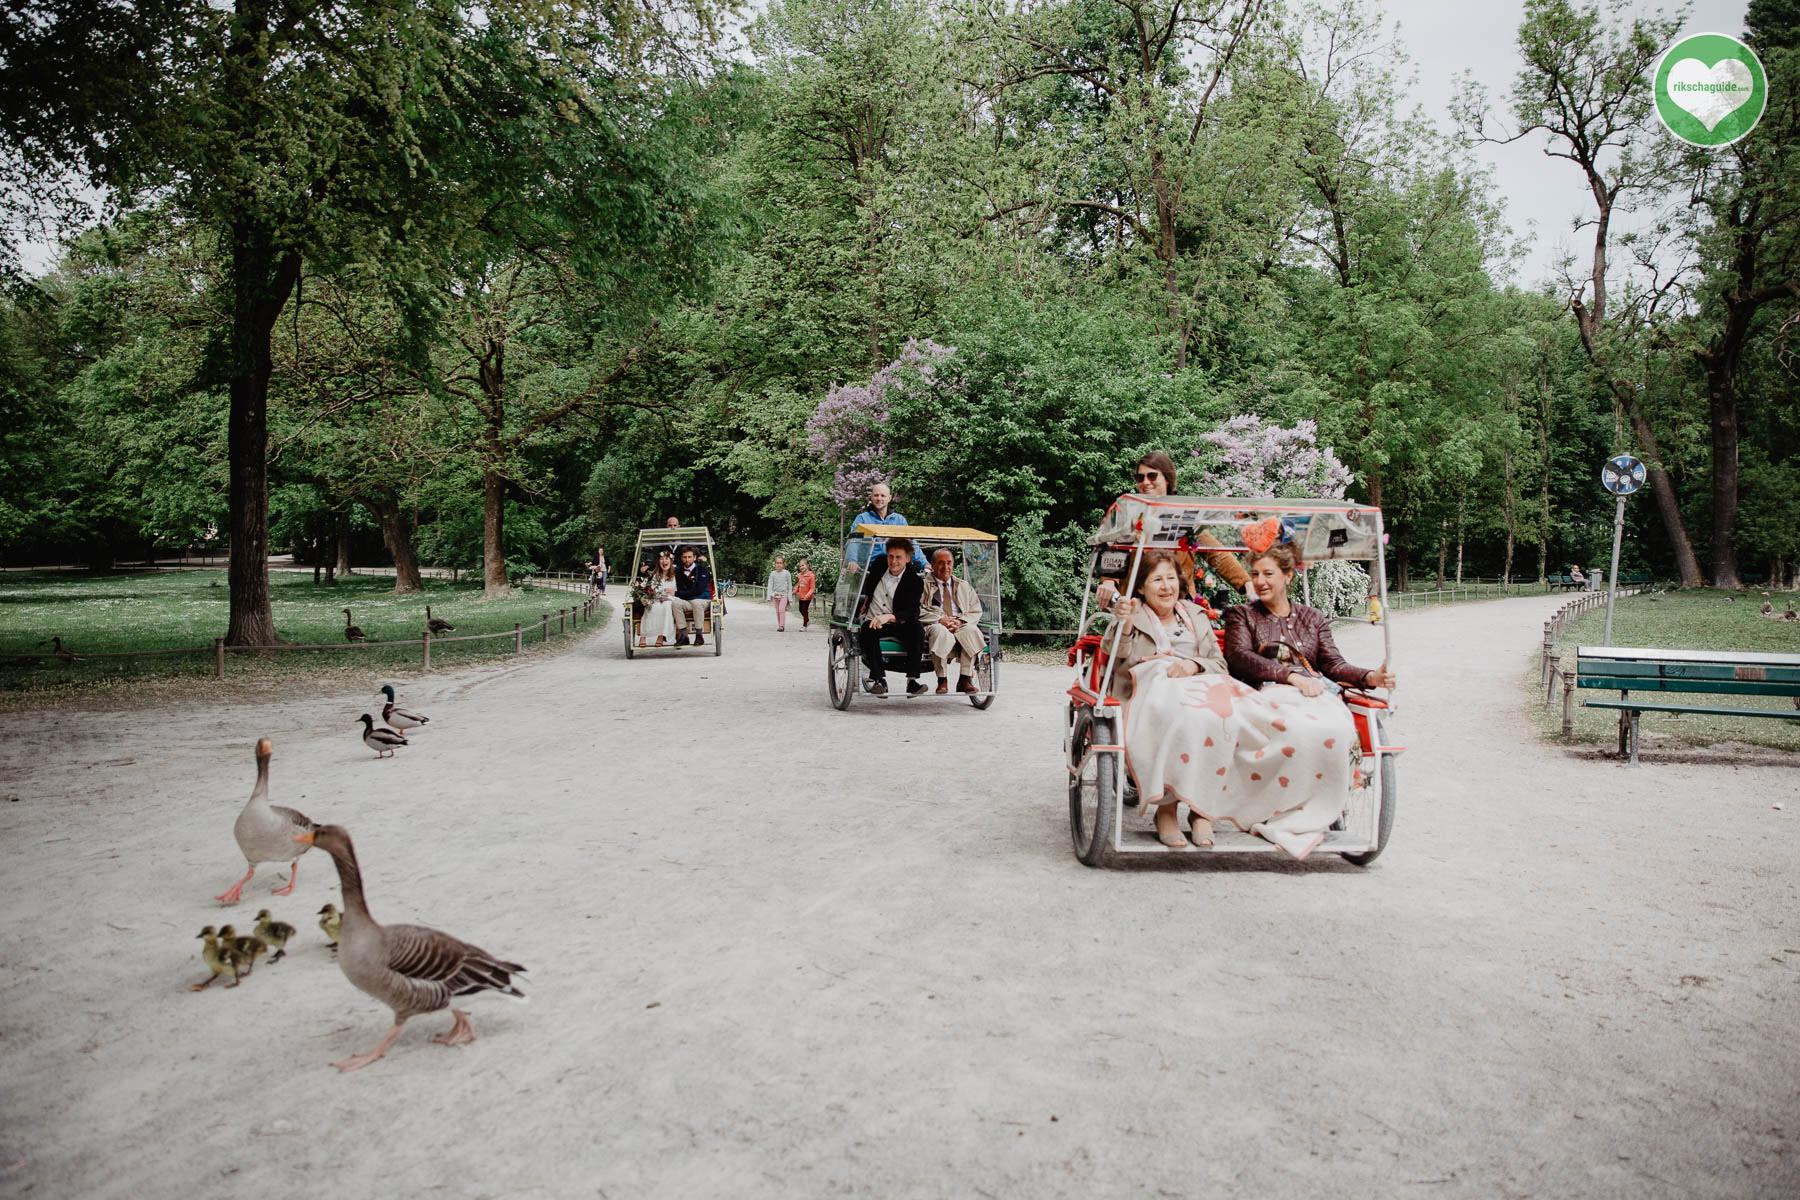 rikschaguide.com | Die Münchner Rikschafahrer/-innen | Beschauliche Hochzeitsfahrt durch München